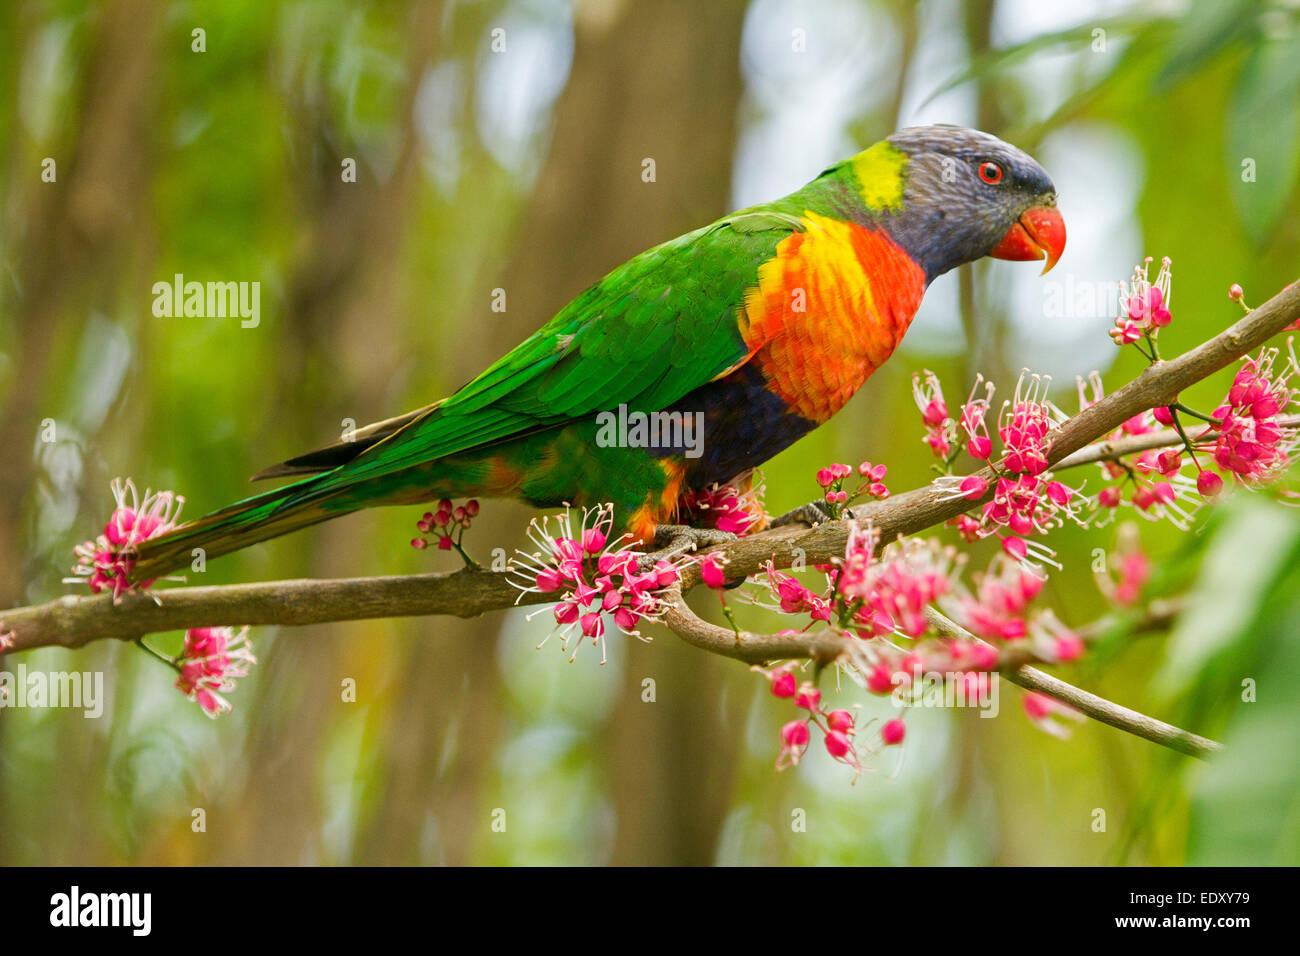 Rainbow lorikeet aux couleurs vives, Australian parrot dans la nature entre les grappes de fleurs roses de l'arbre Photo Stock